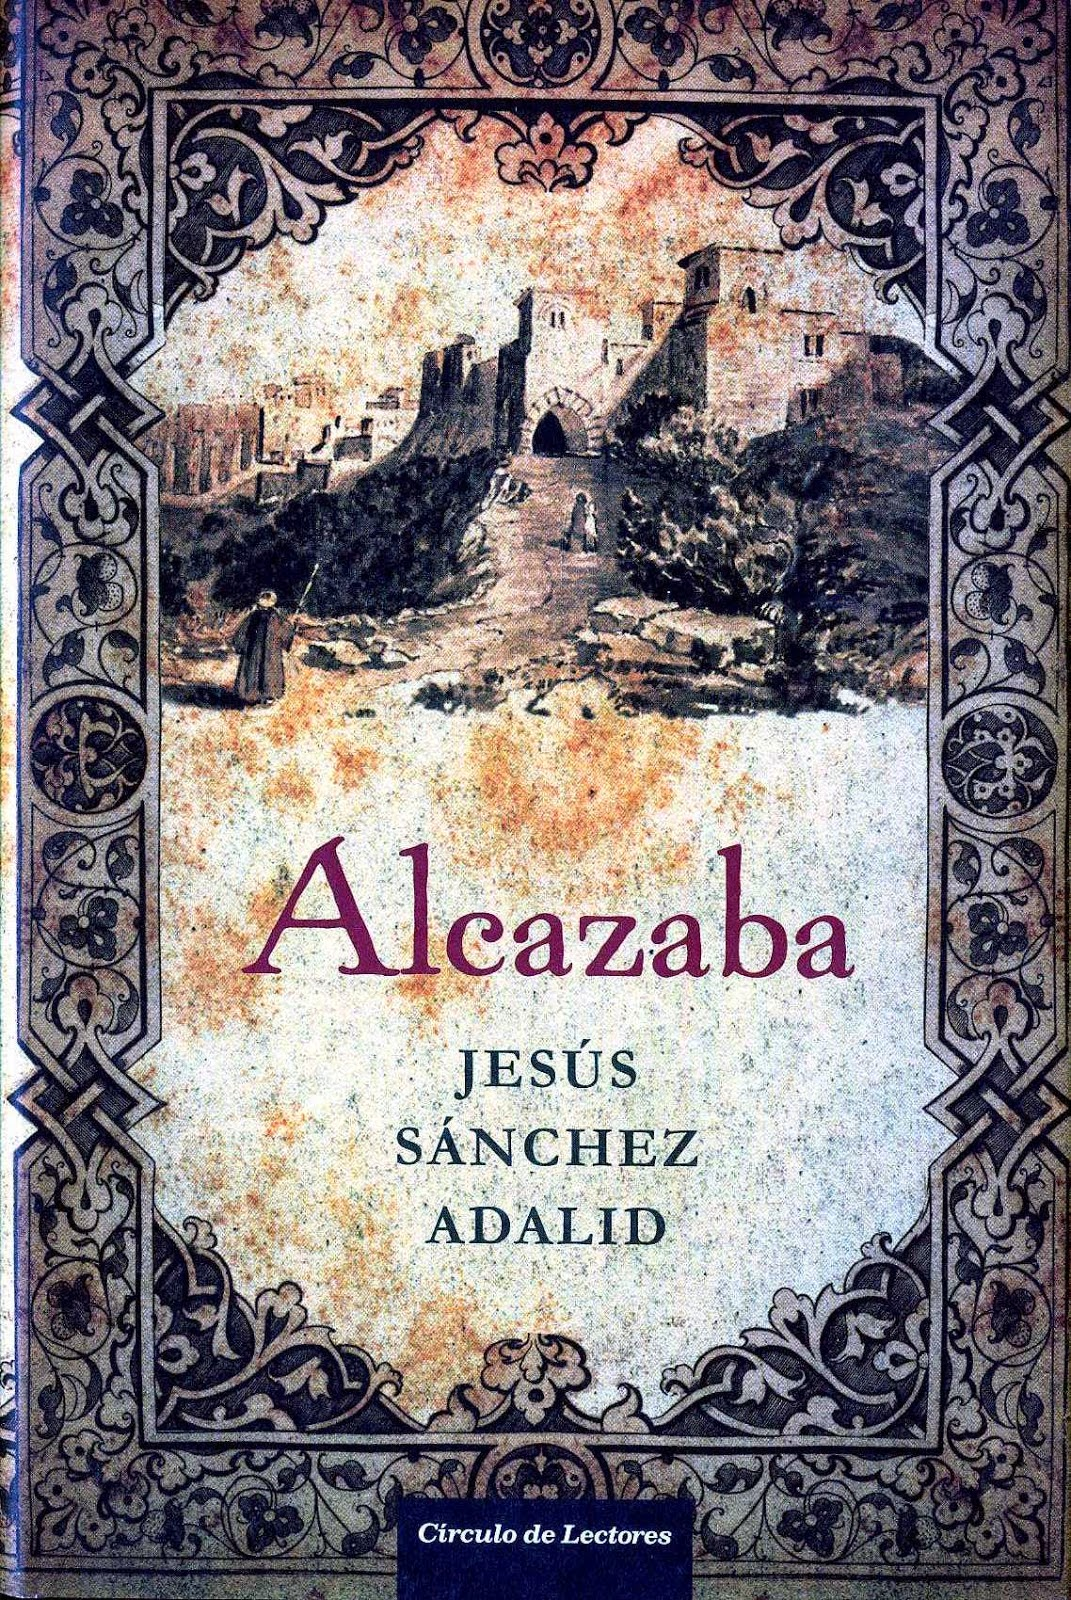 gratis alcazaba jesus sanchez adalid